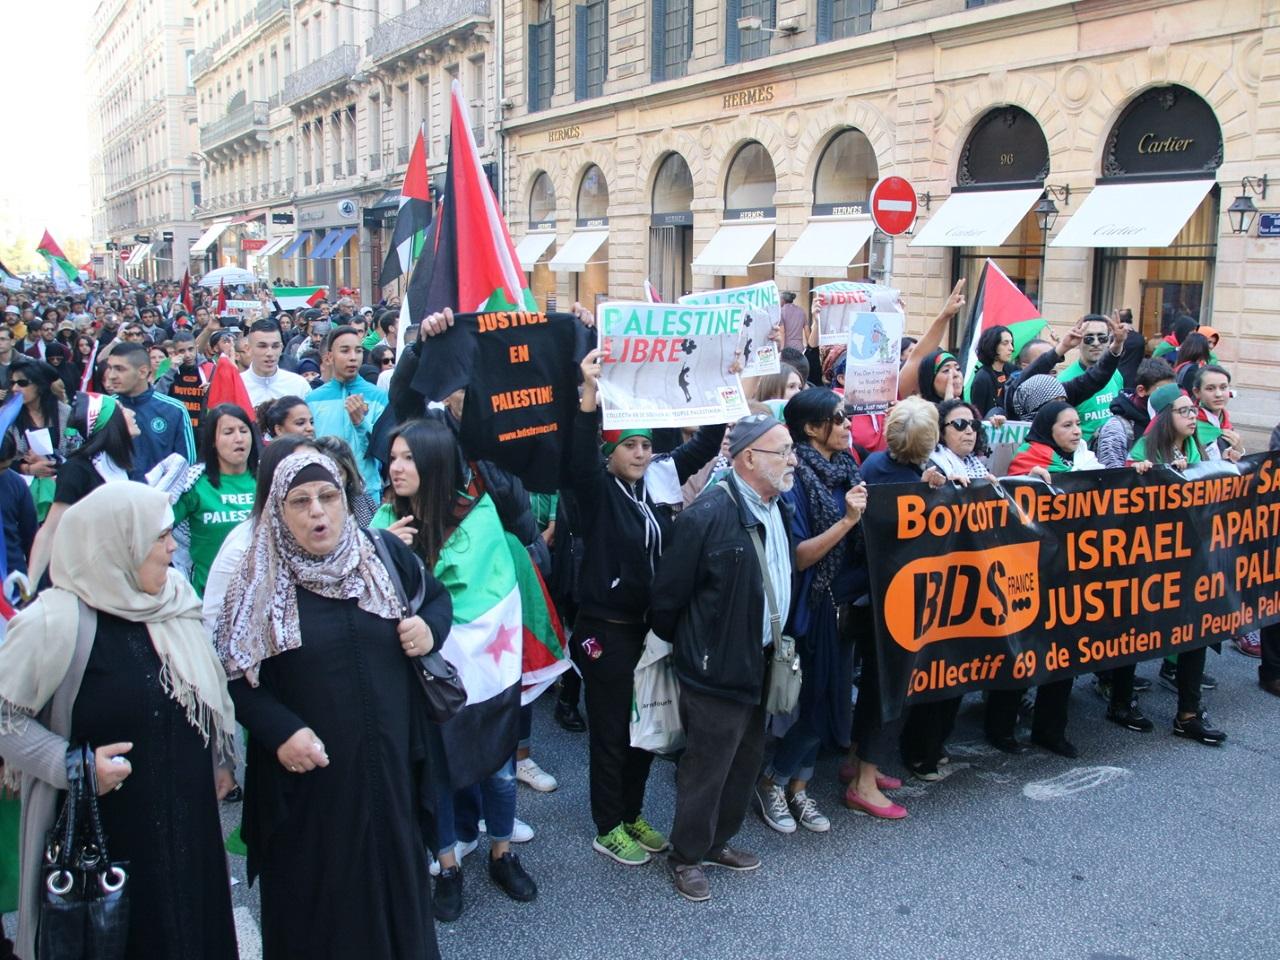 Manifestation de soutien à la Palestine - LyonMag